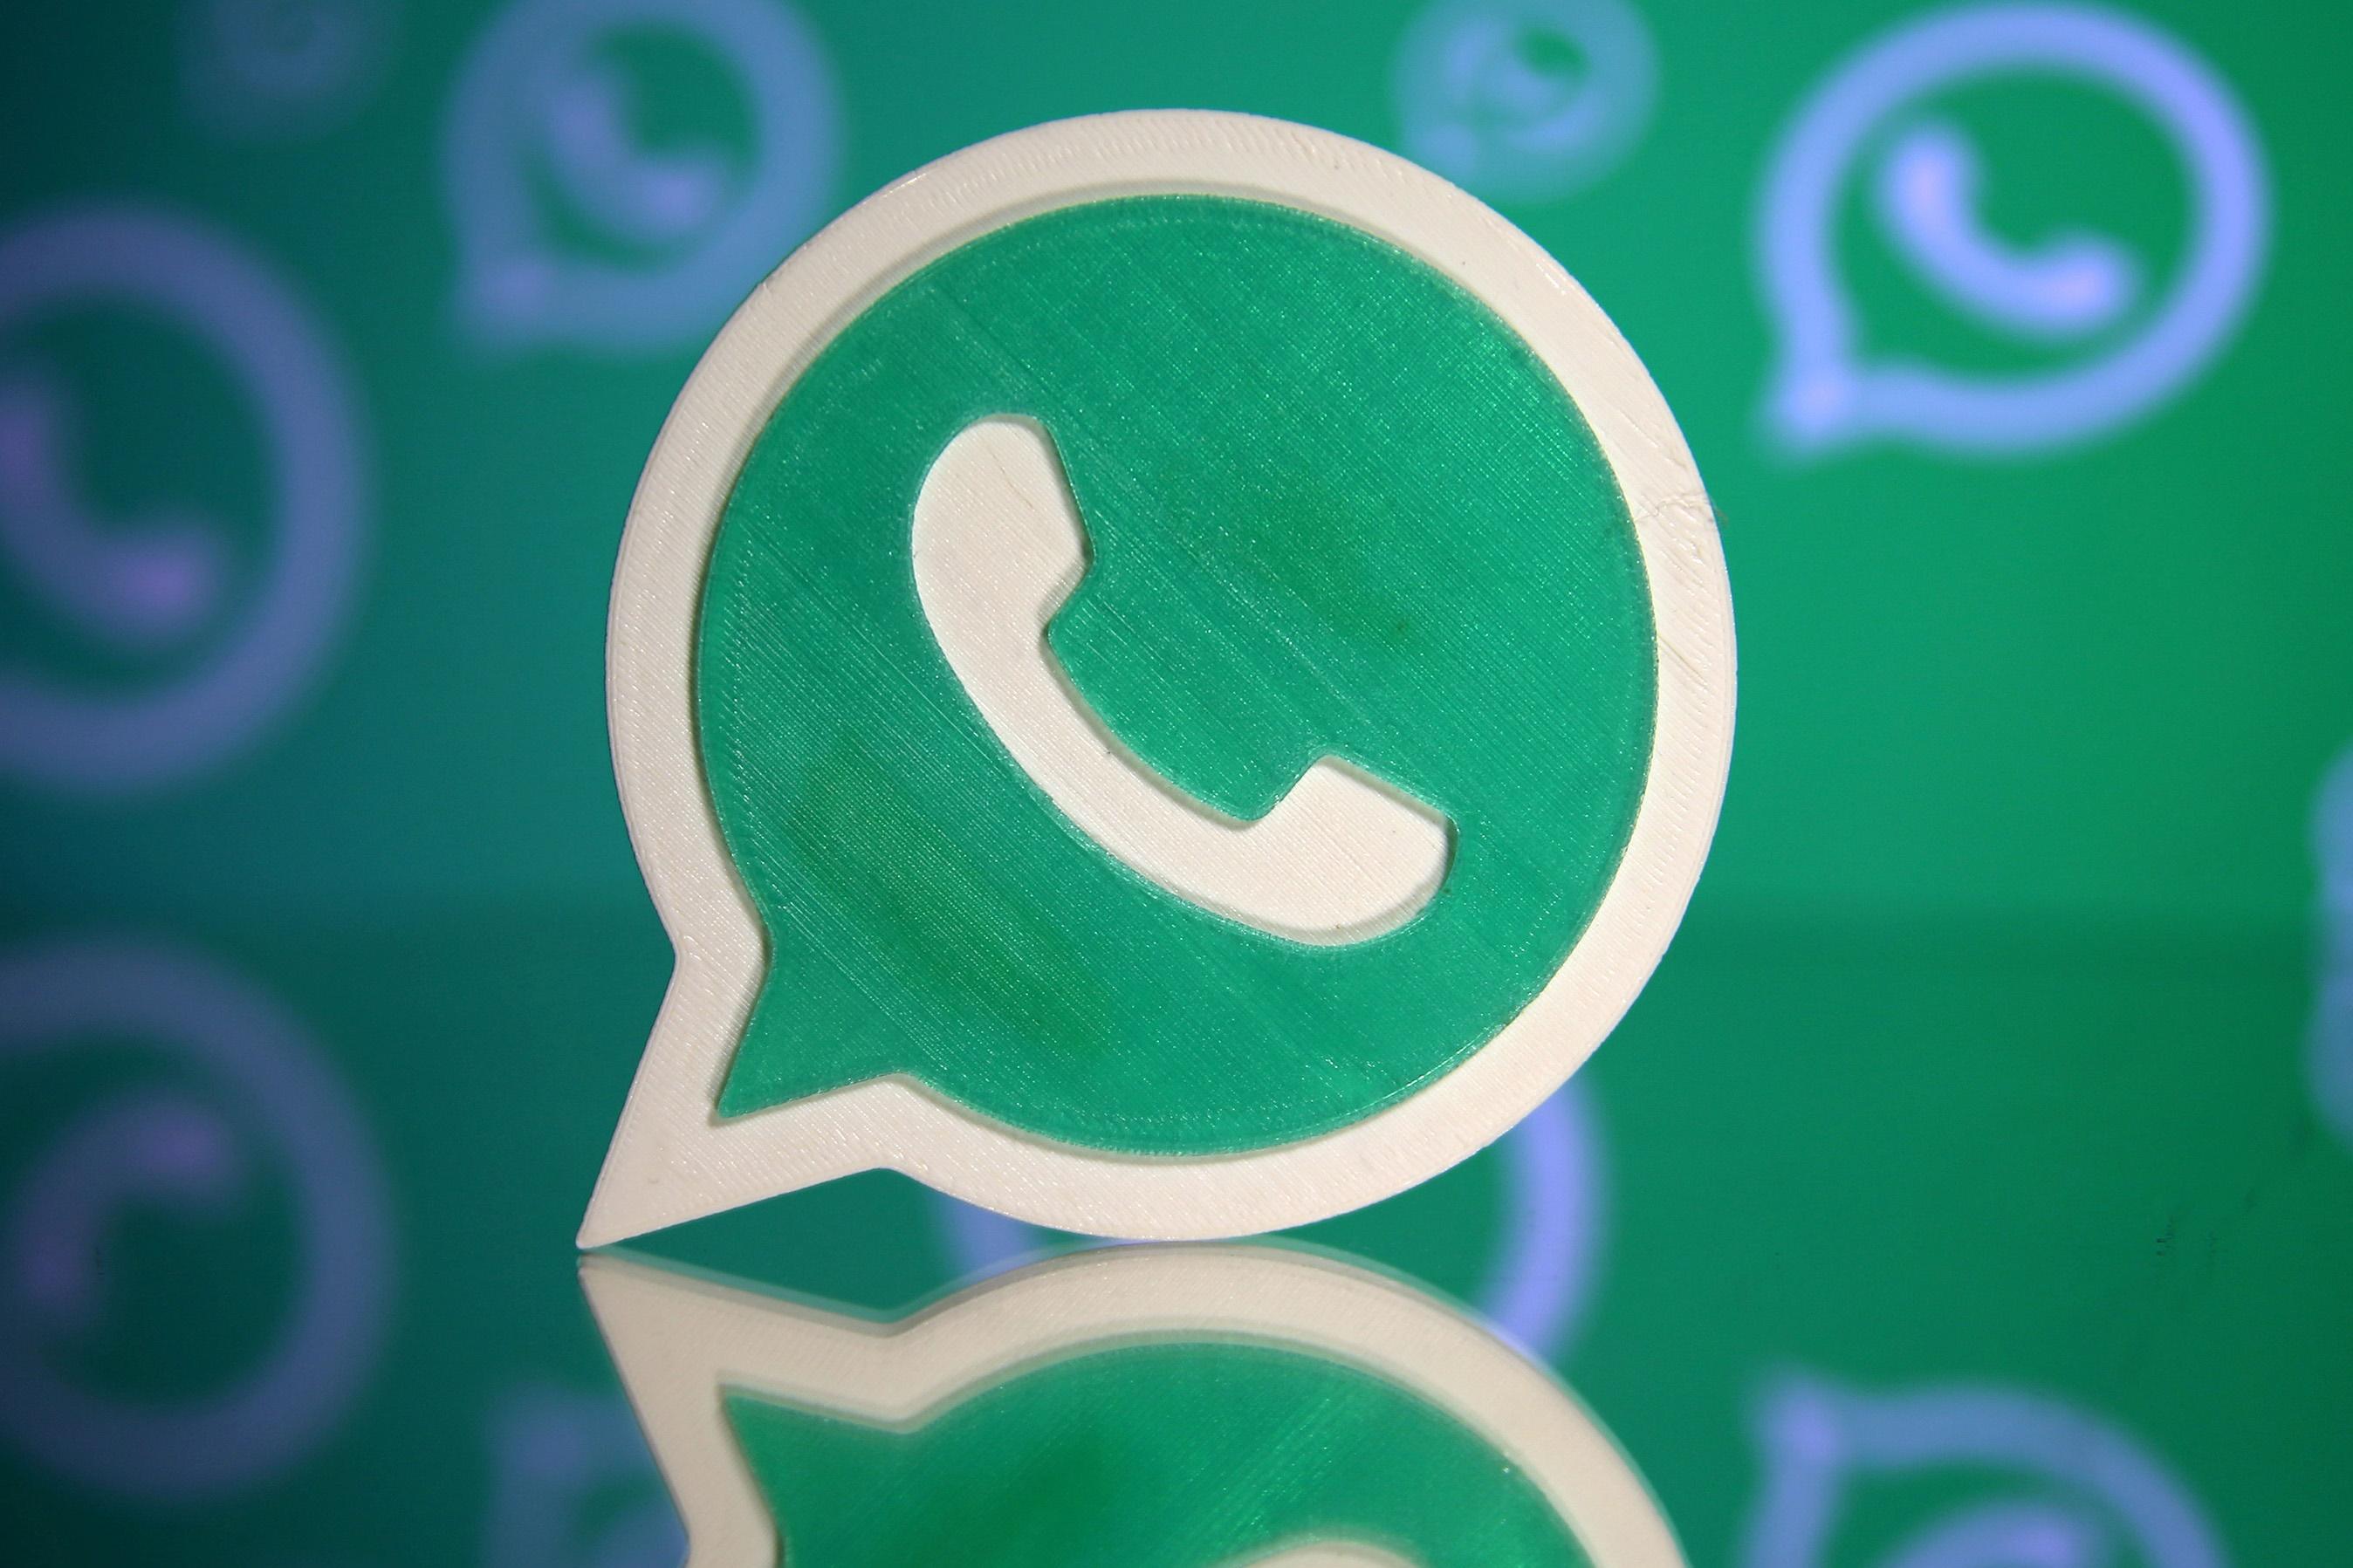 Imagem de Tempo limite para apagar mensagens enviadas no WhatsApp sobe para 68 min no tecmundo